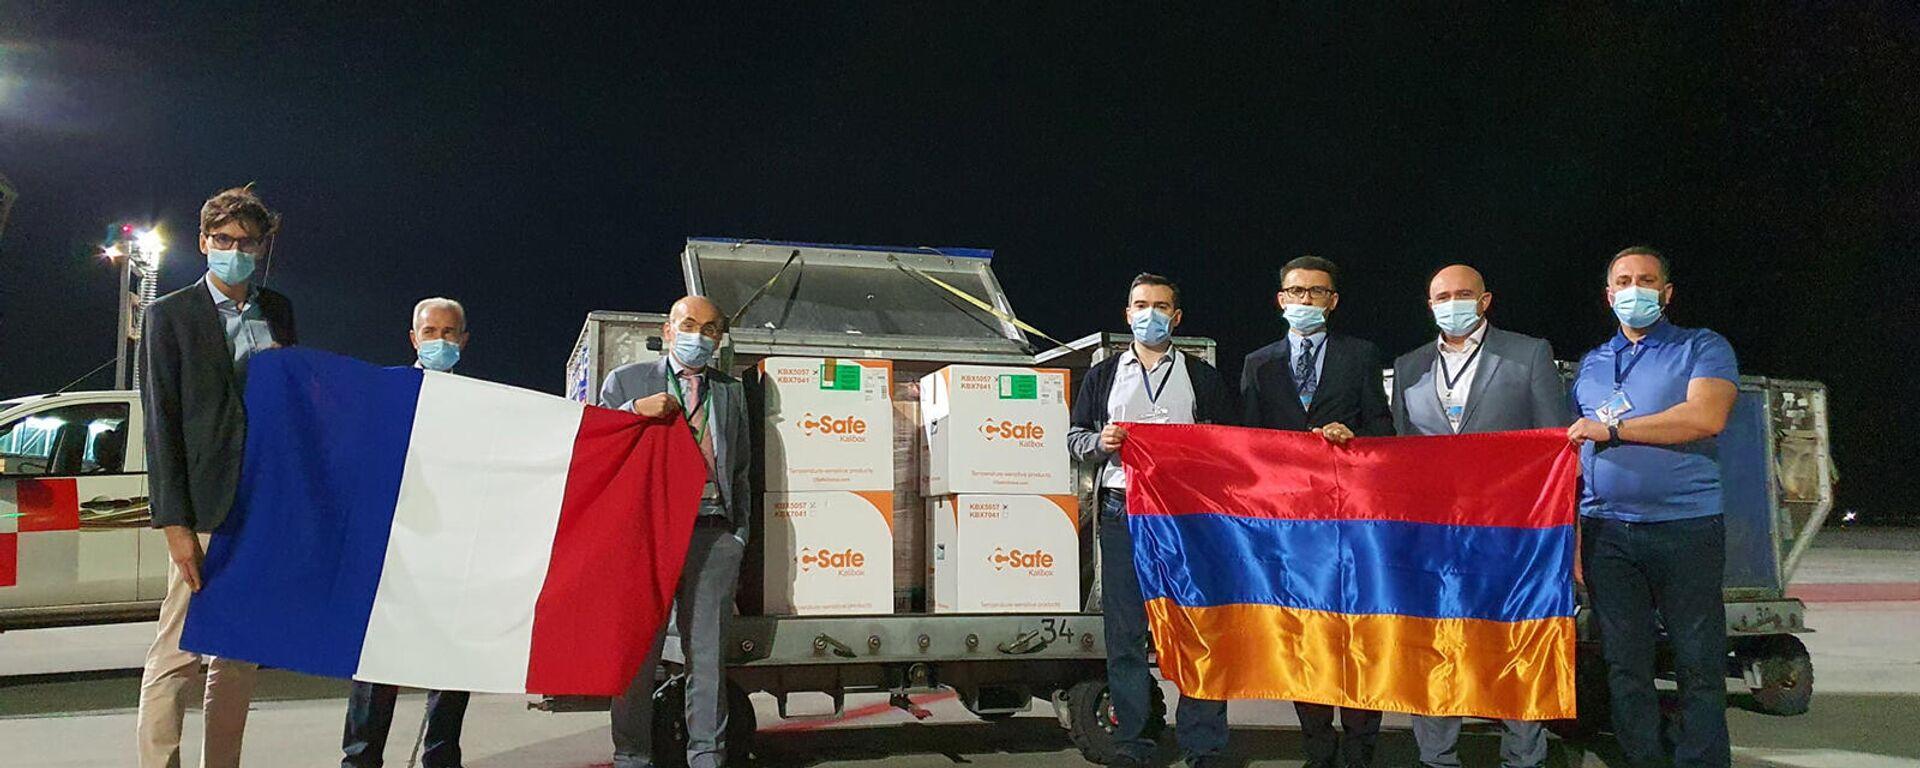 В Ереван прибыла первая партия вакцины от covid19, отправленная из Франции - Sputnik Արմենիա, 1920, 14.09.2021